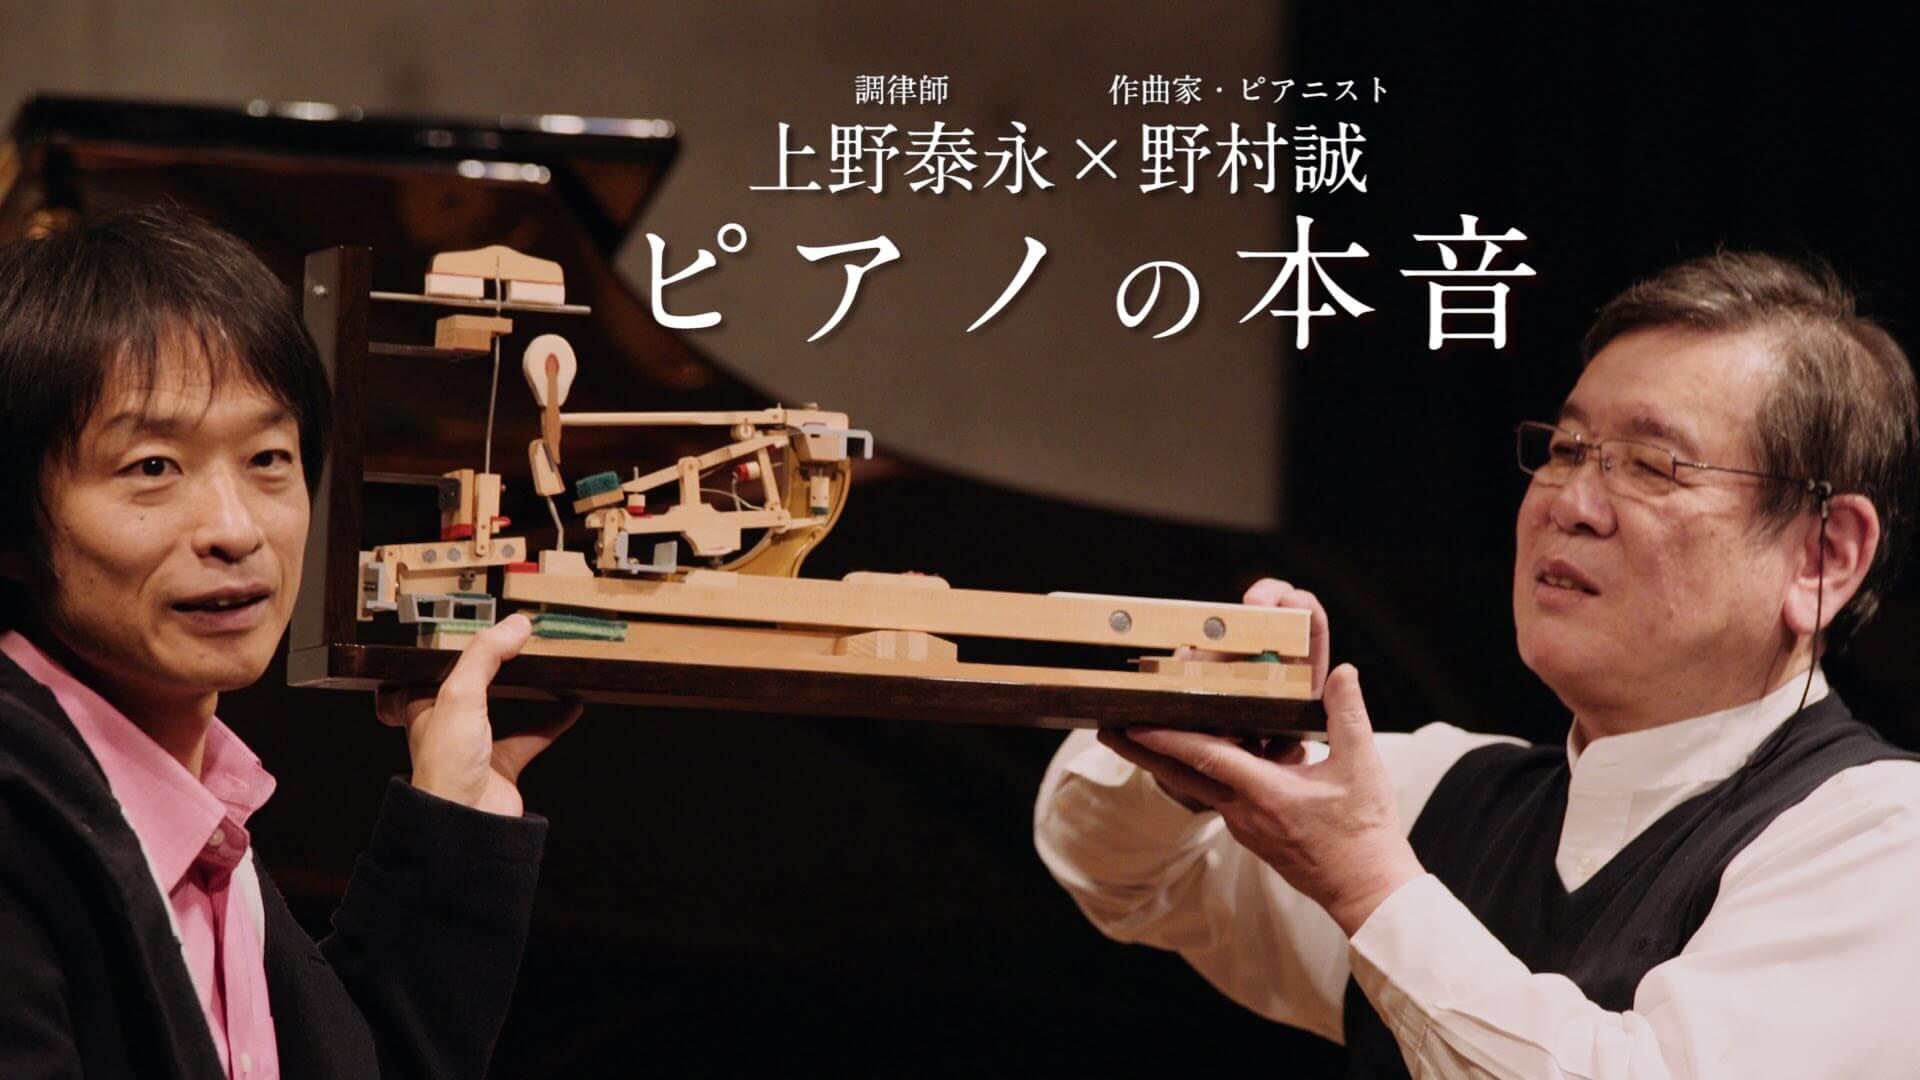 「ピアノの本音」 上野泰永(調律師)×野村誠(作曲家・ピアニスト)